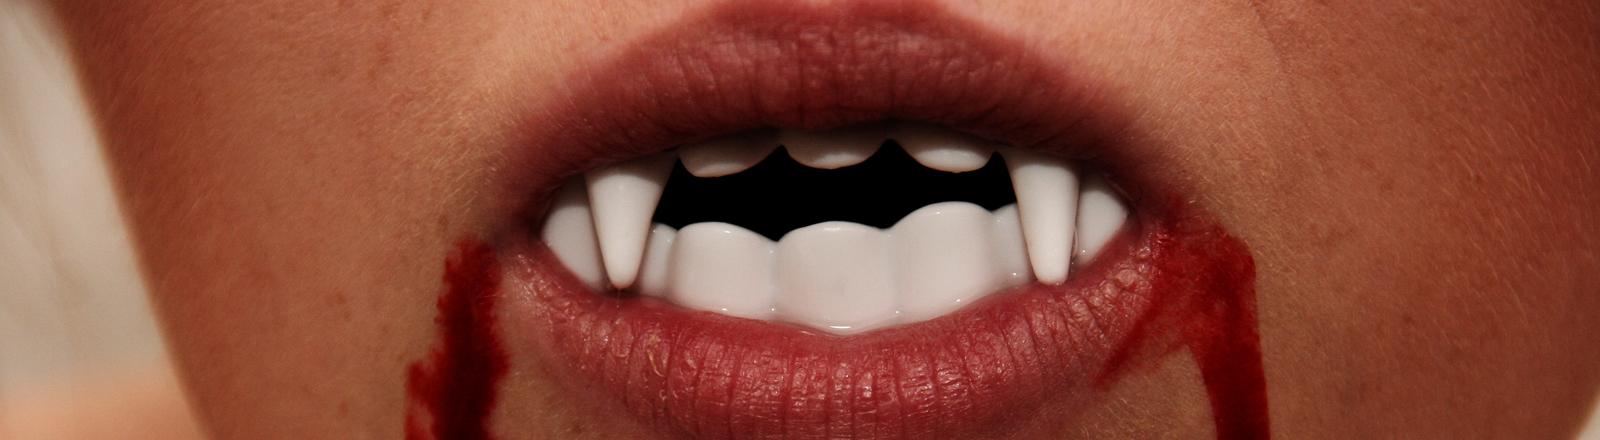 Nahaufnahme von einem blutverschmierten Mund mit Vampirzähnen